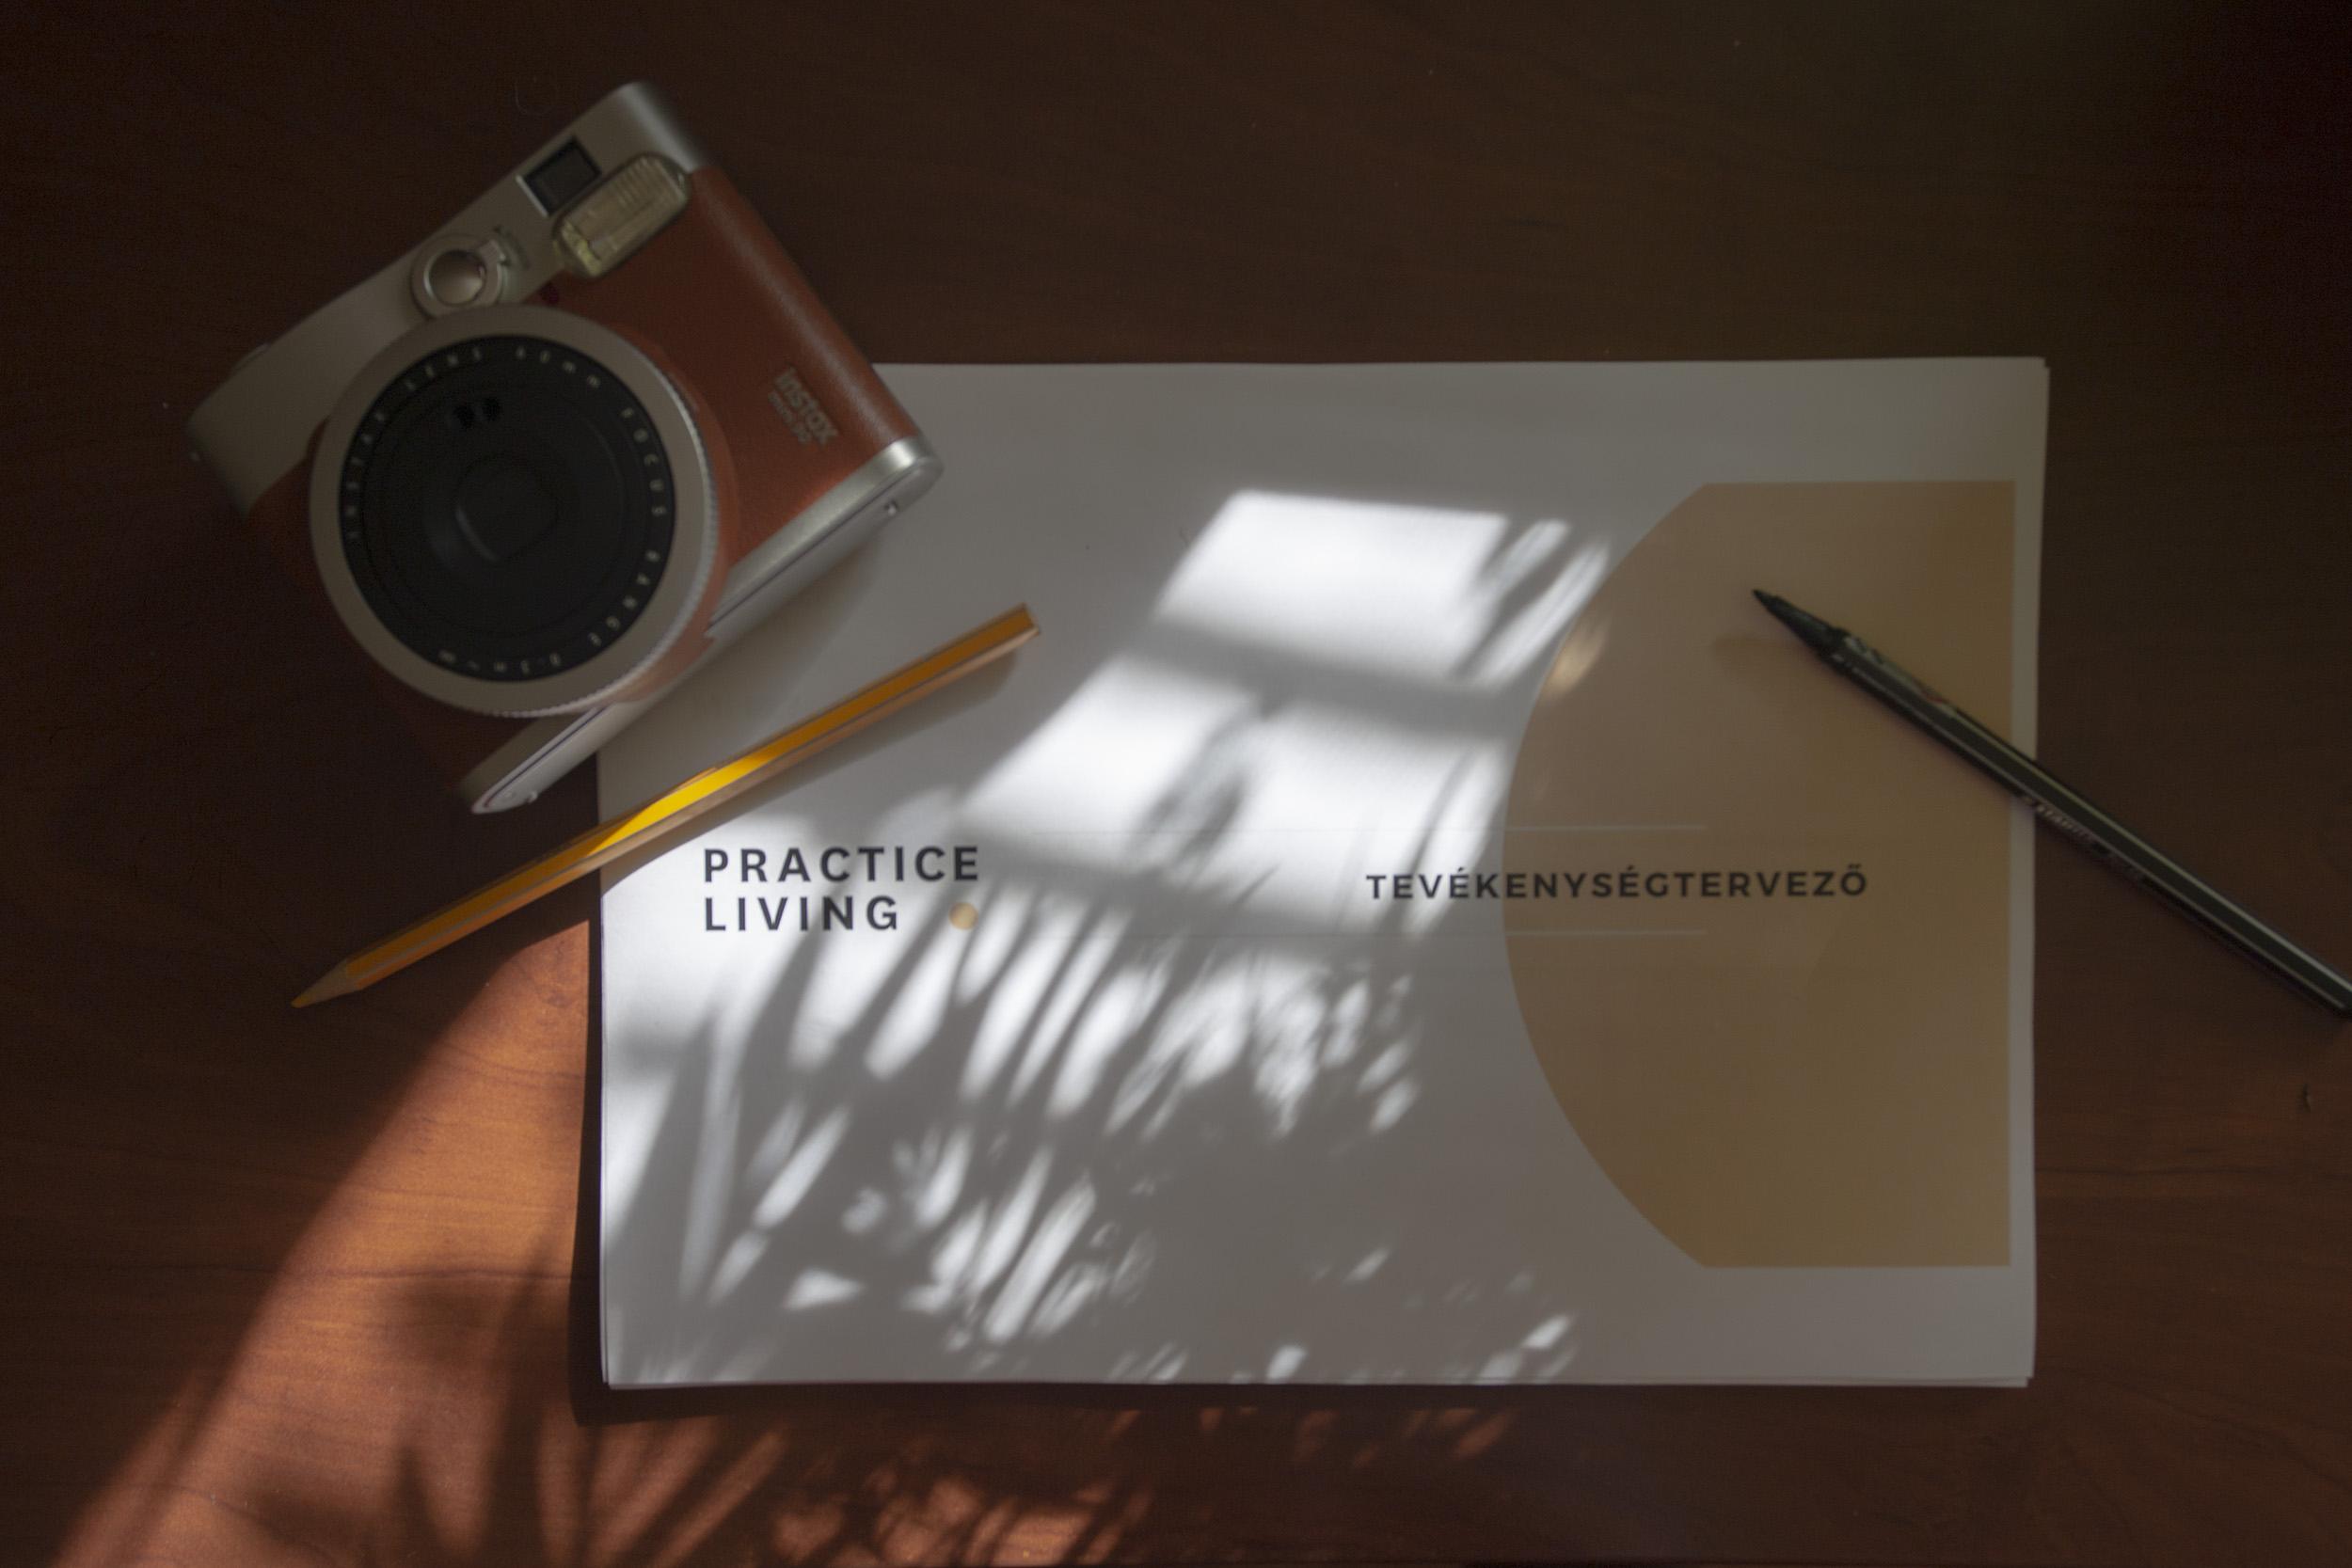 practice_living_kreativ_9.jpg